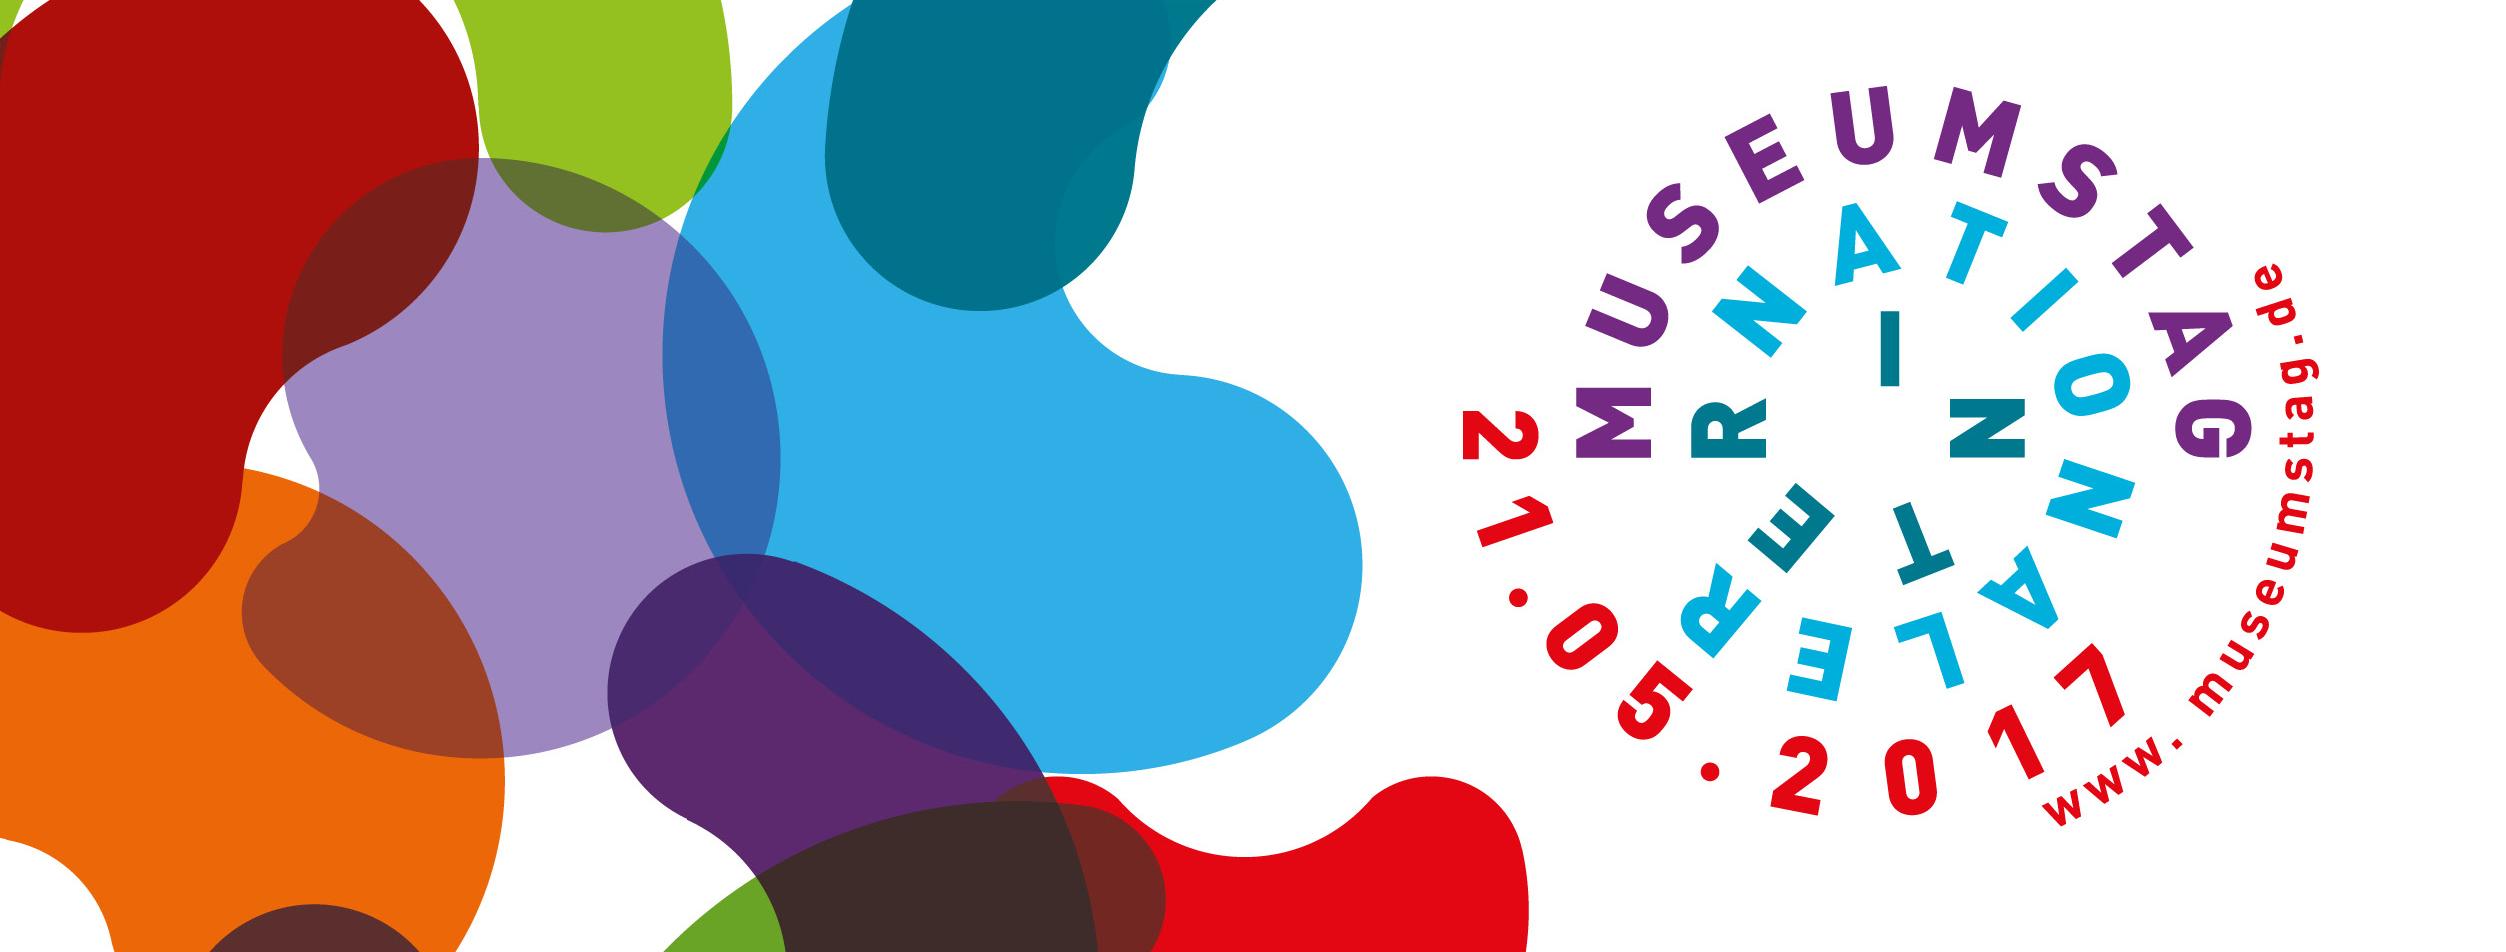 5DMBO-Studio-für-Gestaltung-Internationaler-museumstag-pforzheim